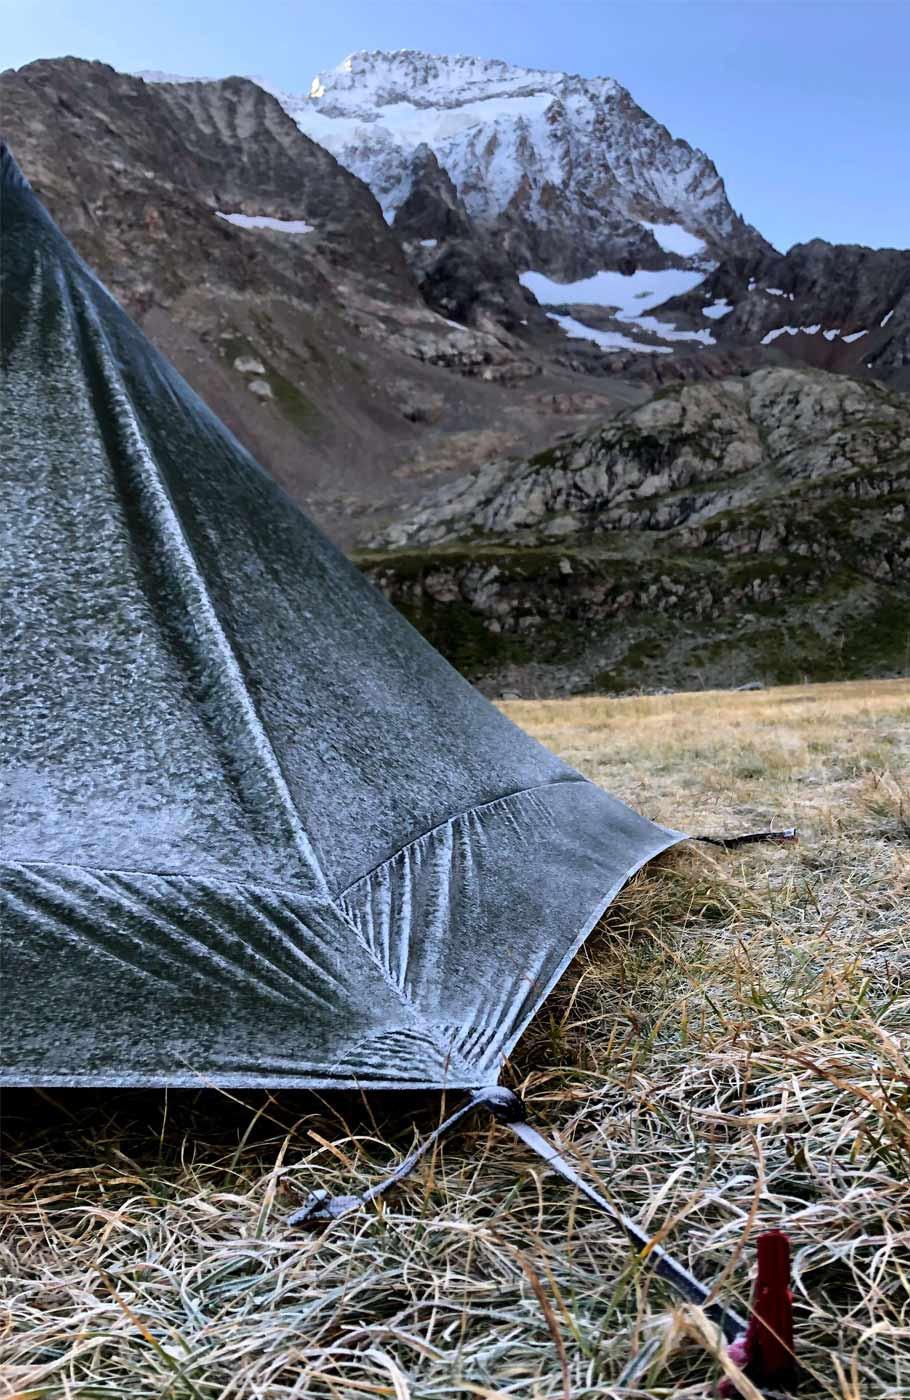 Ultraleicht Zelt mit frost bedeckt mit Blick auf verschneite Berge.